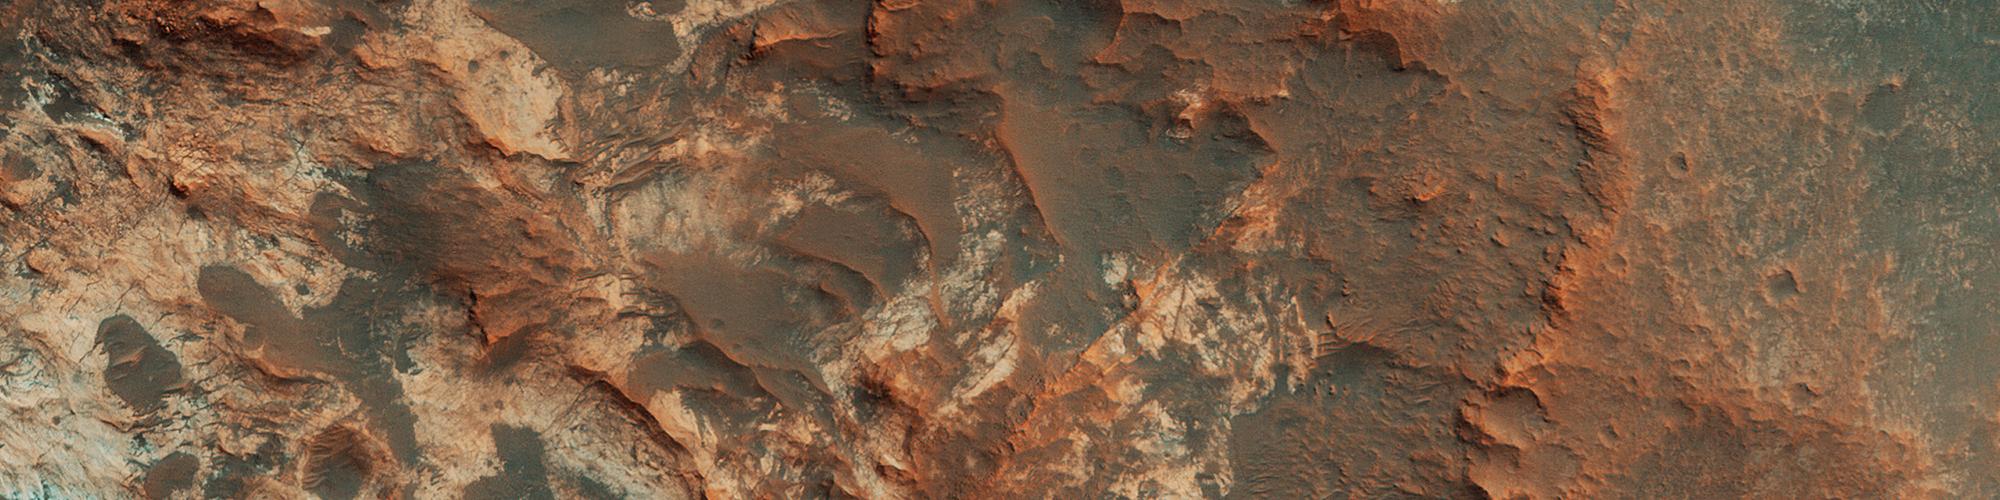 Ingången till Mawrth Vallis